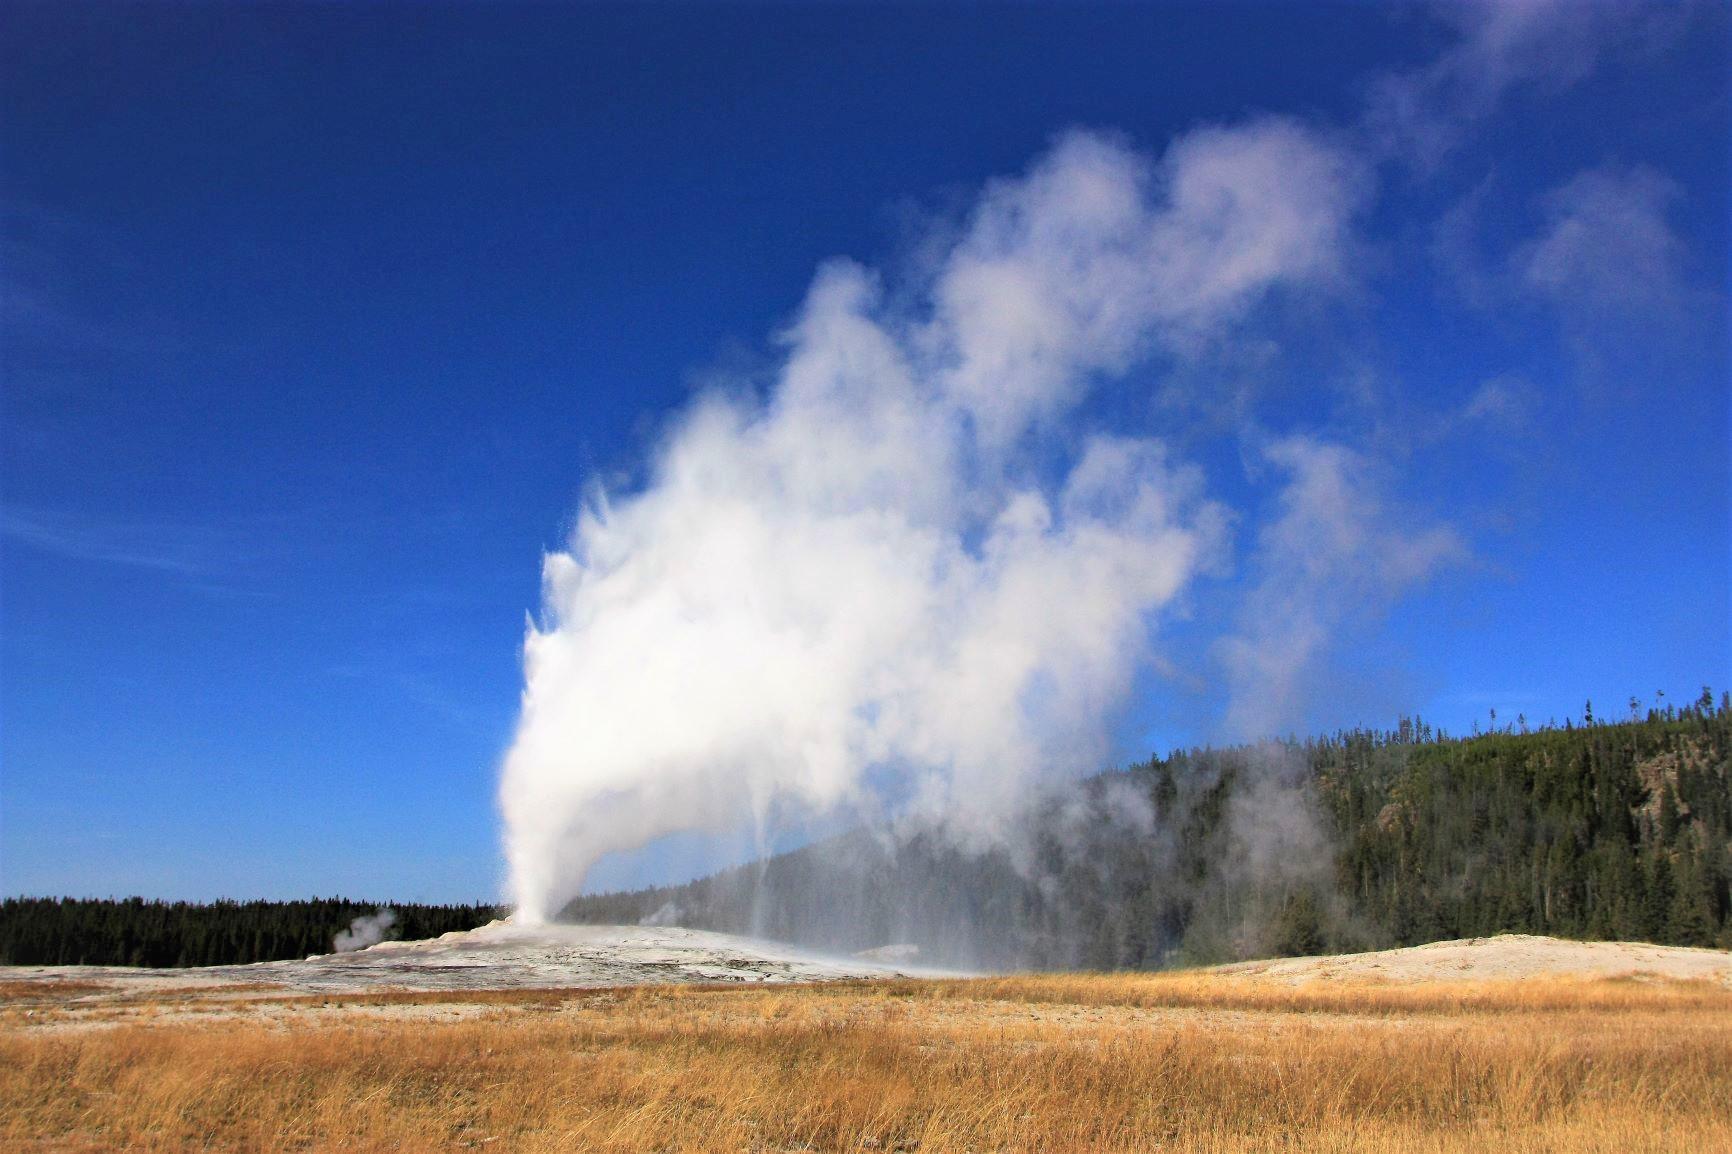 イエローストーンには多くの間欠泉があり、地球の息吹を感じる